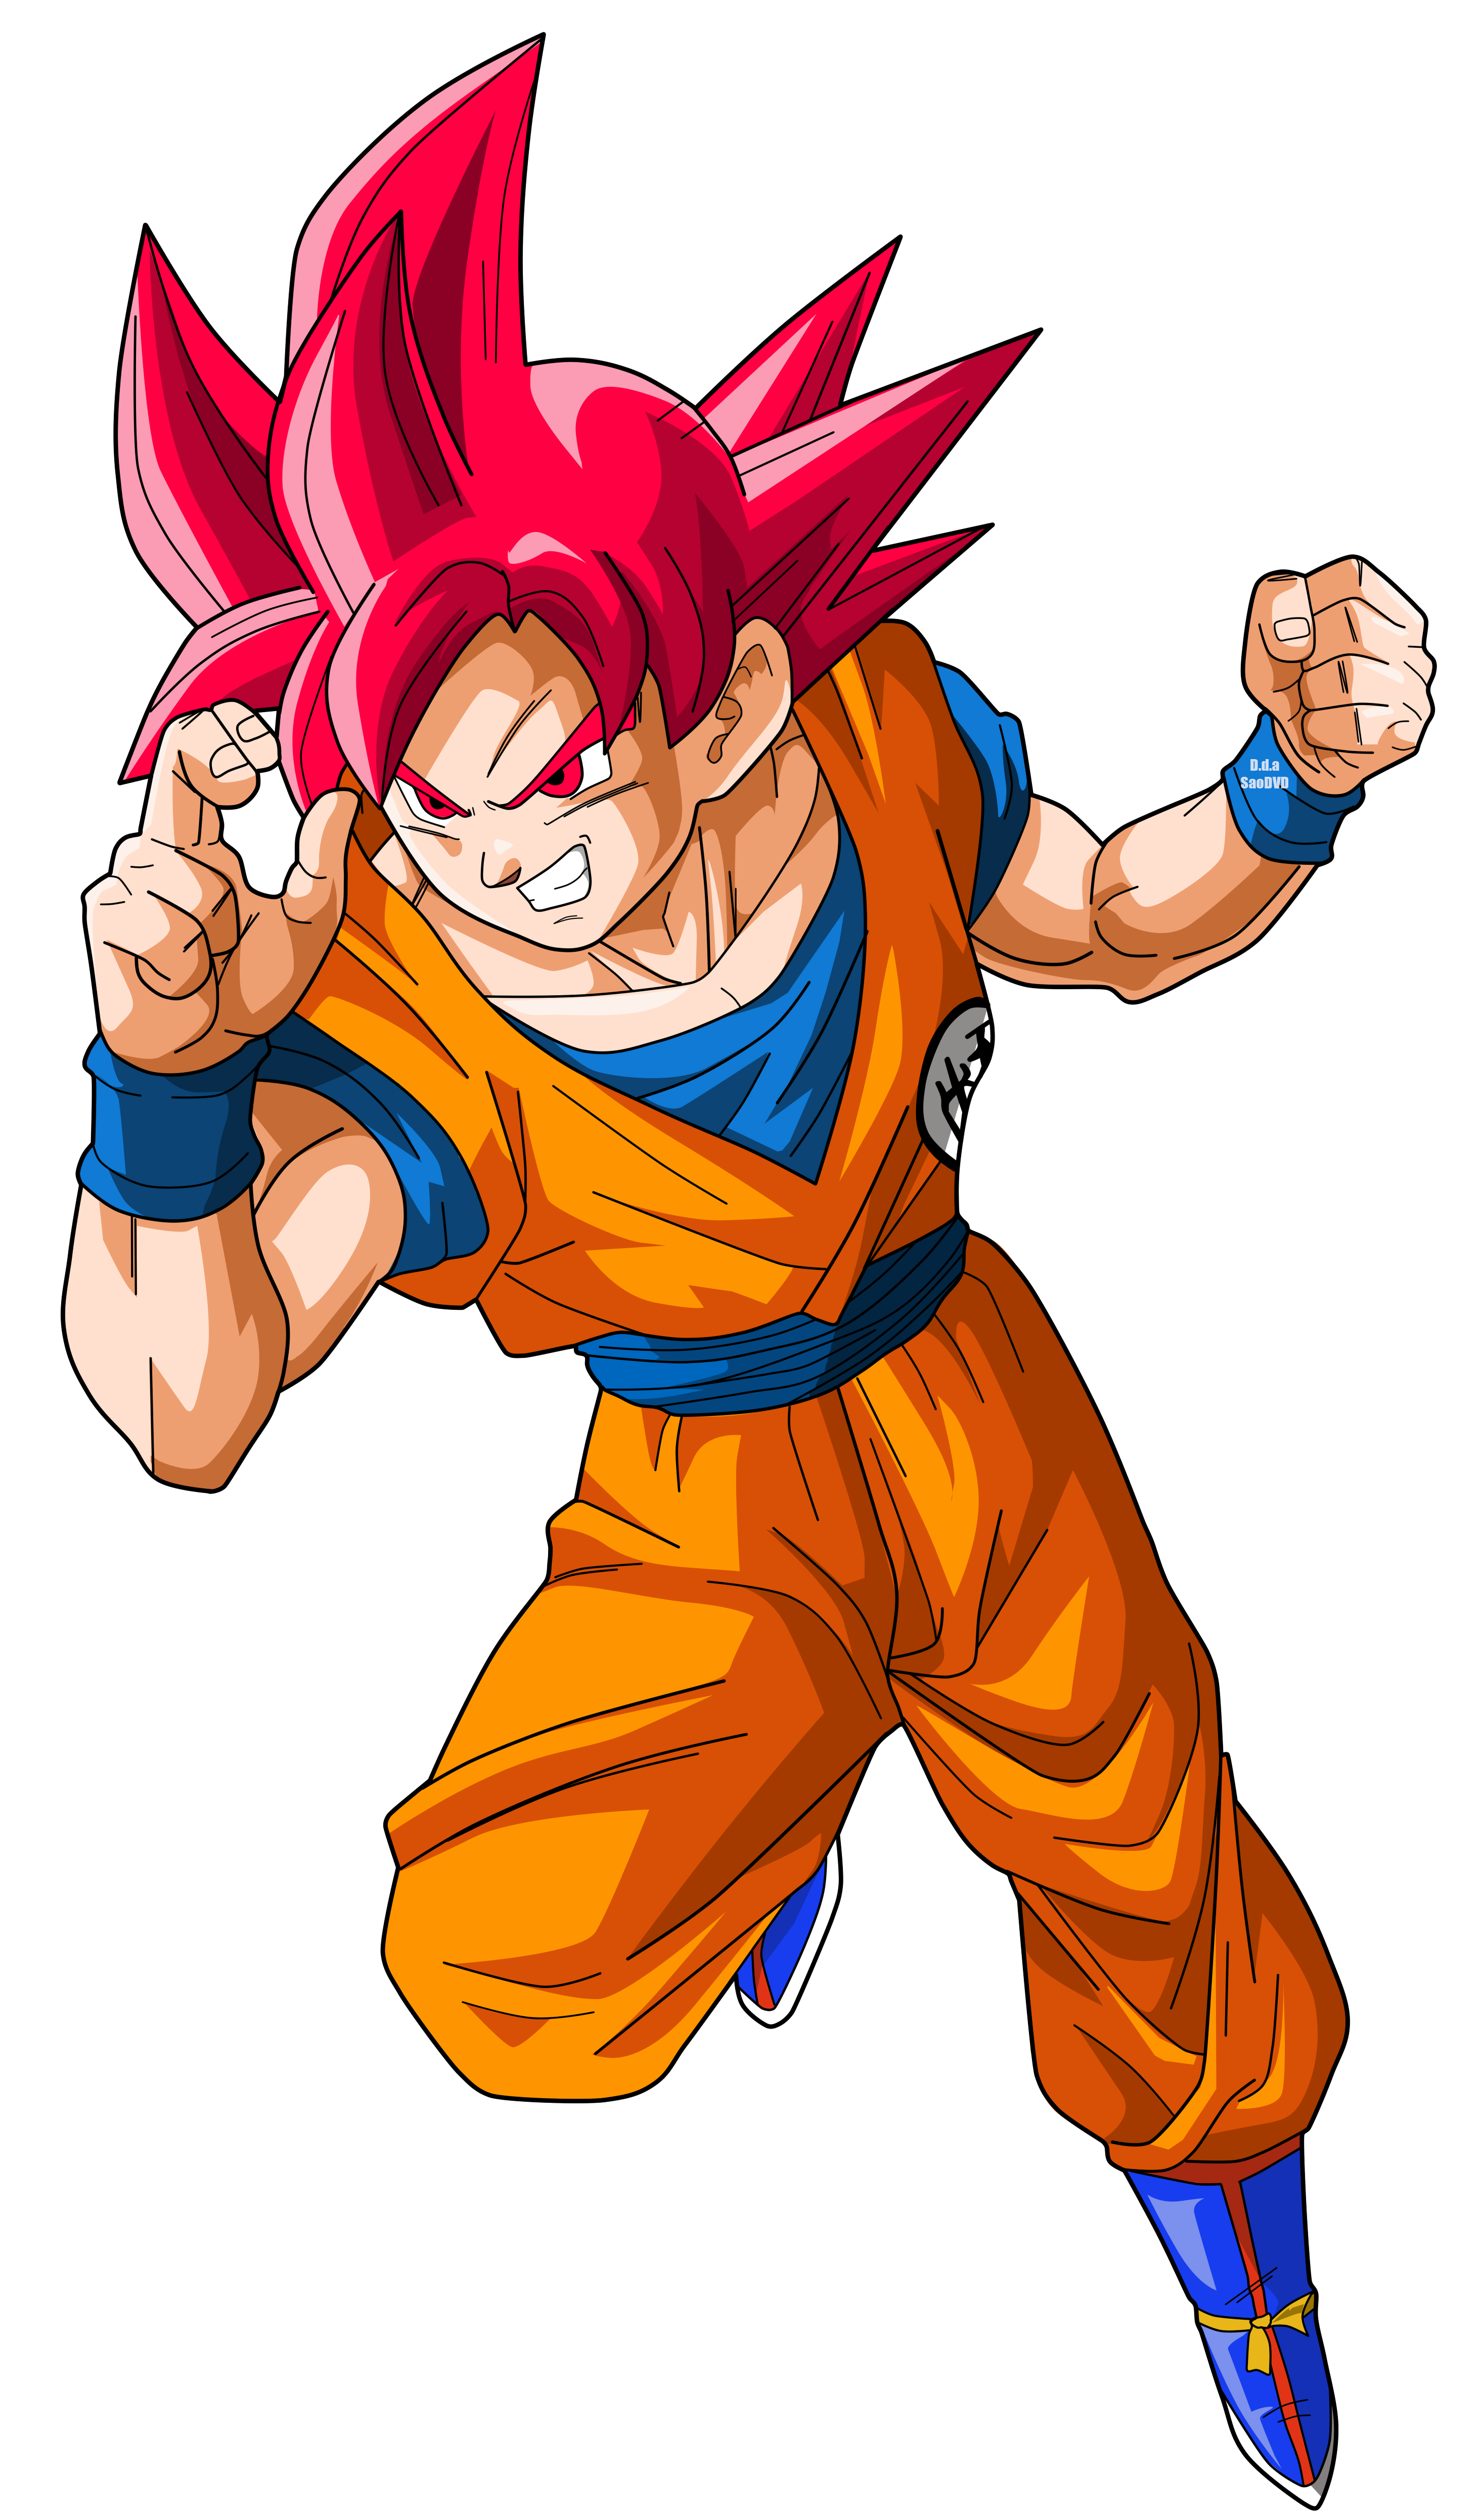 Dessin goku, Dessin, Goku